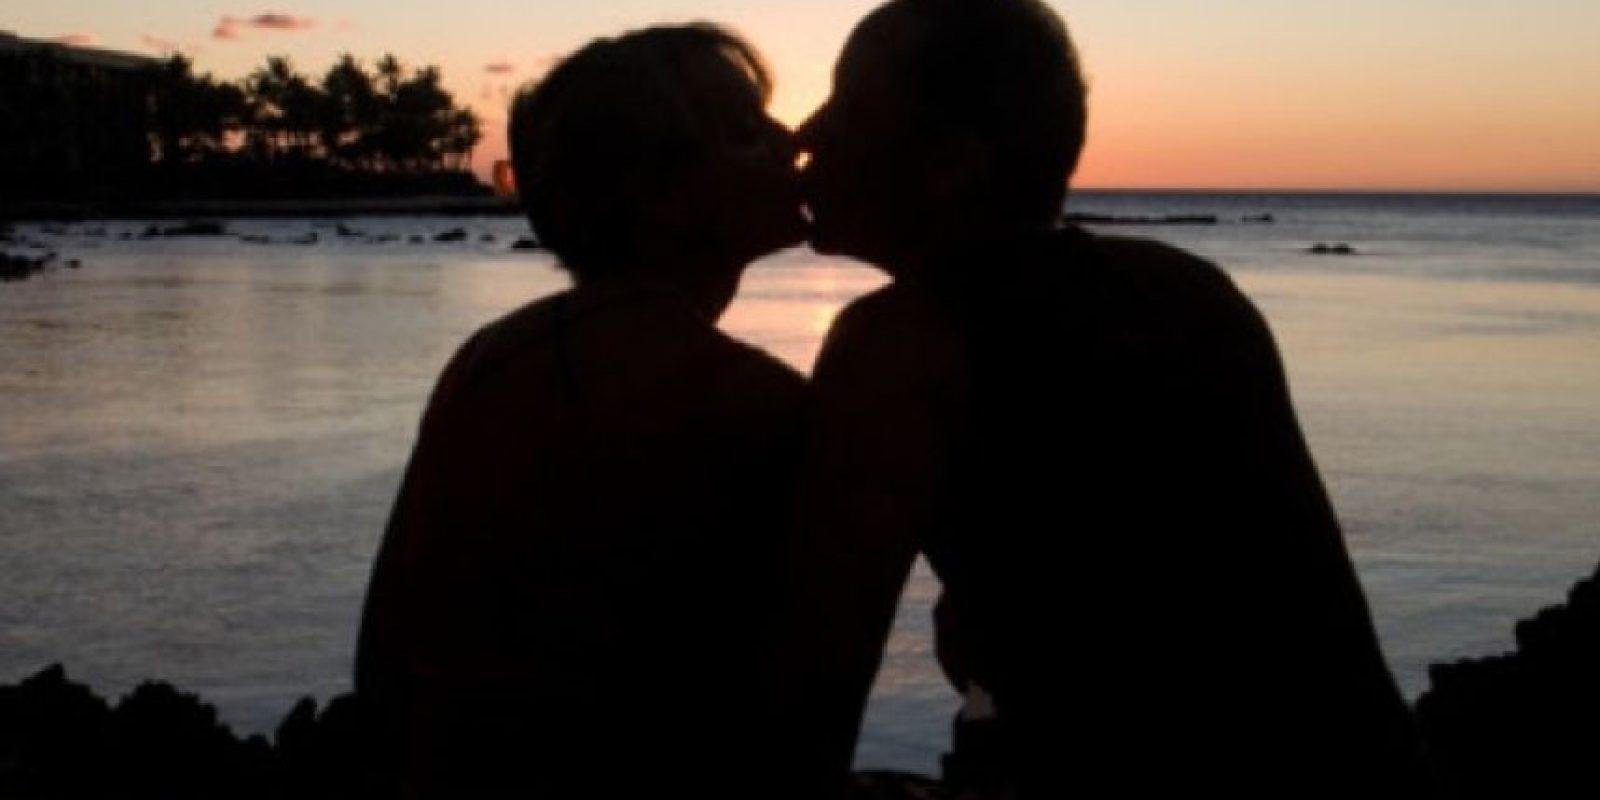 Si hay amor y respeto, la pareja estará dispuesta a ayudar por lo que pueda estar pasando. Foto:Pixabay